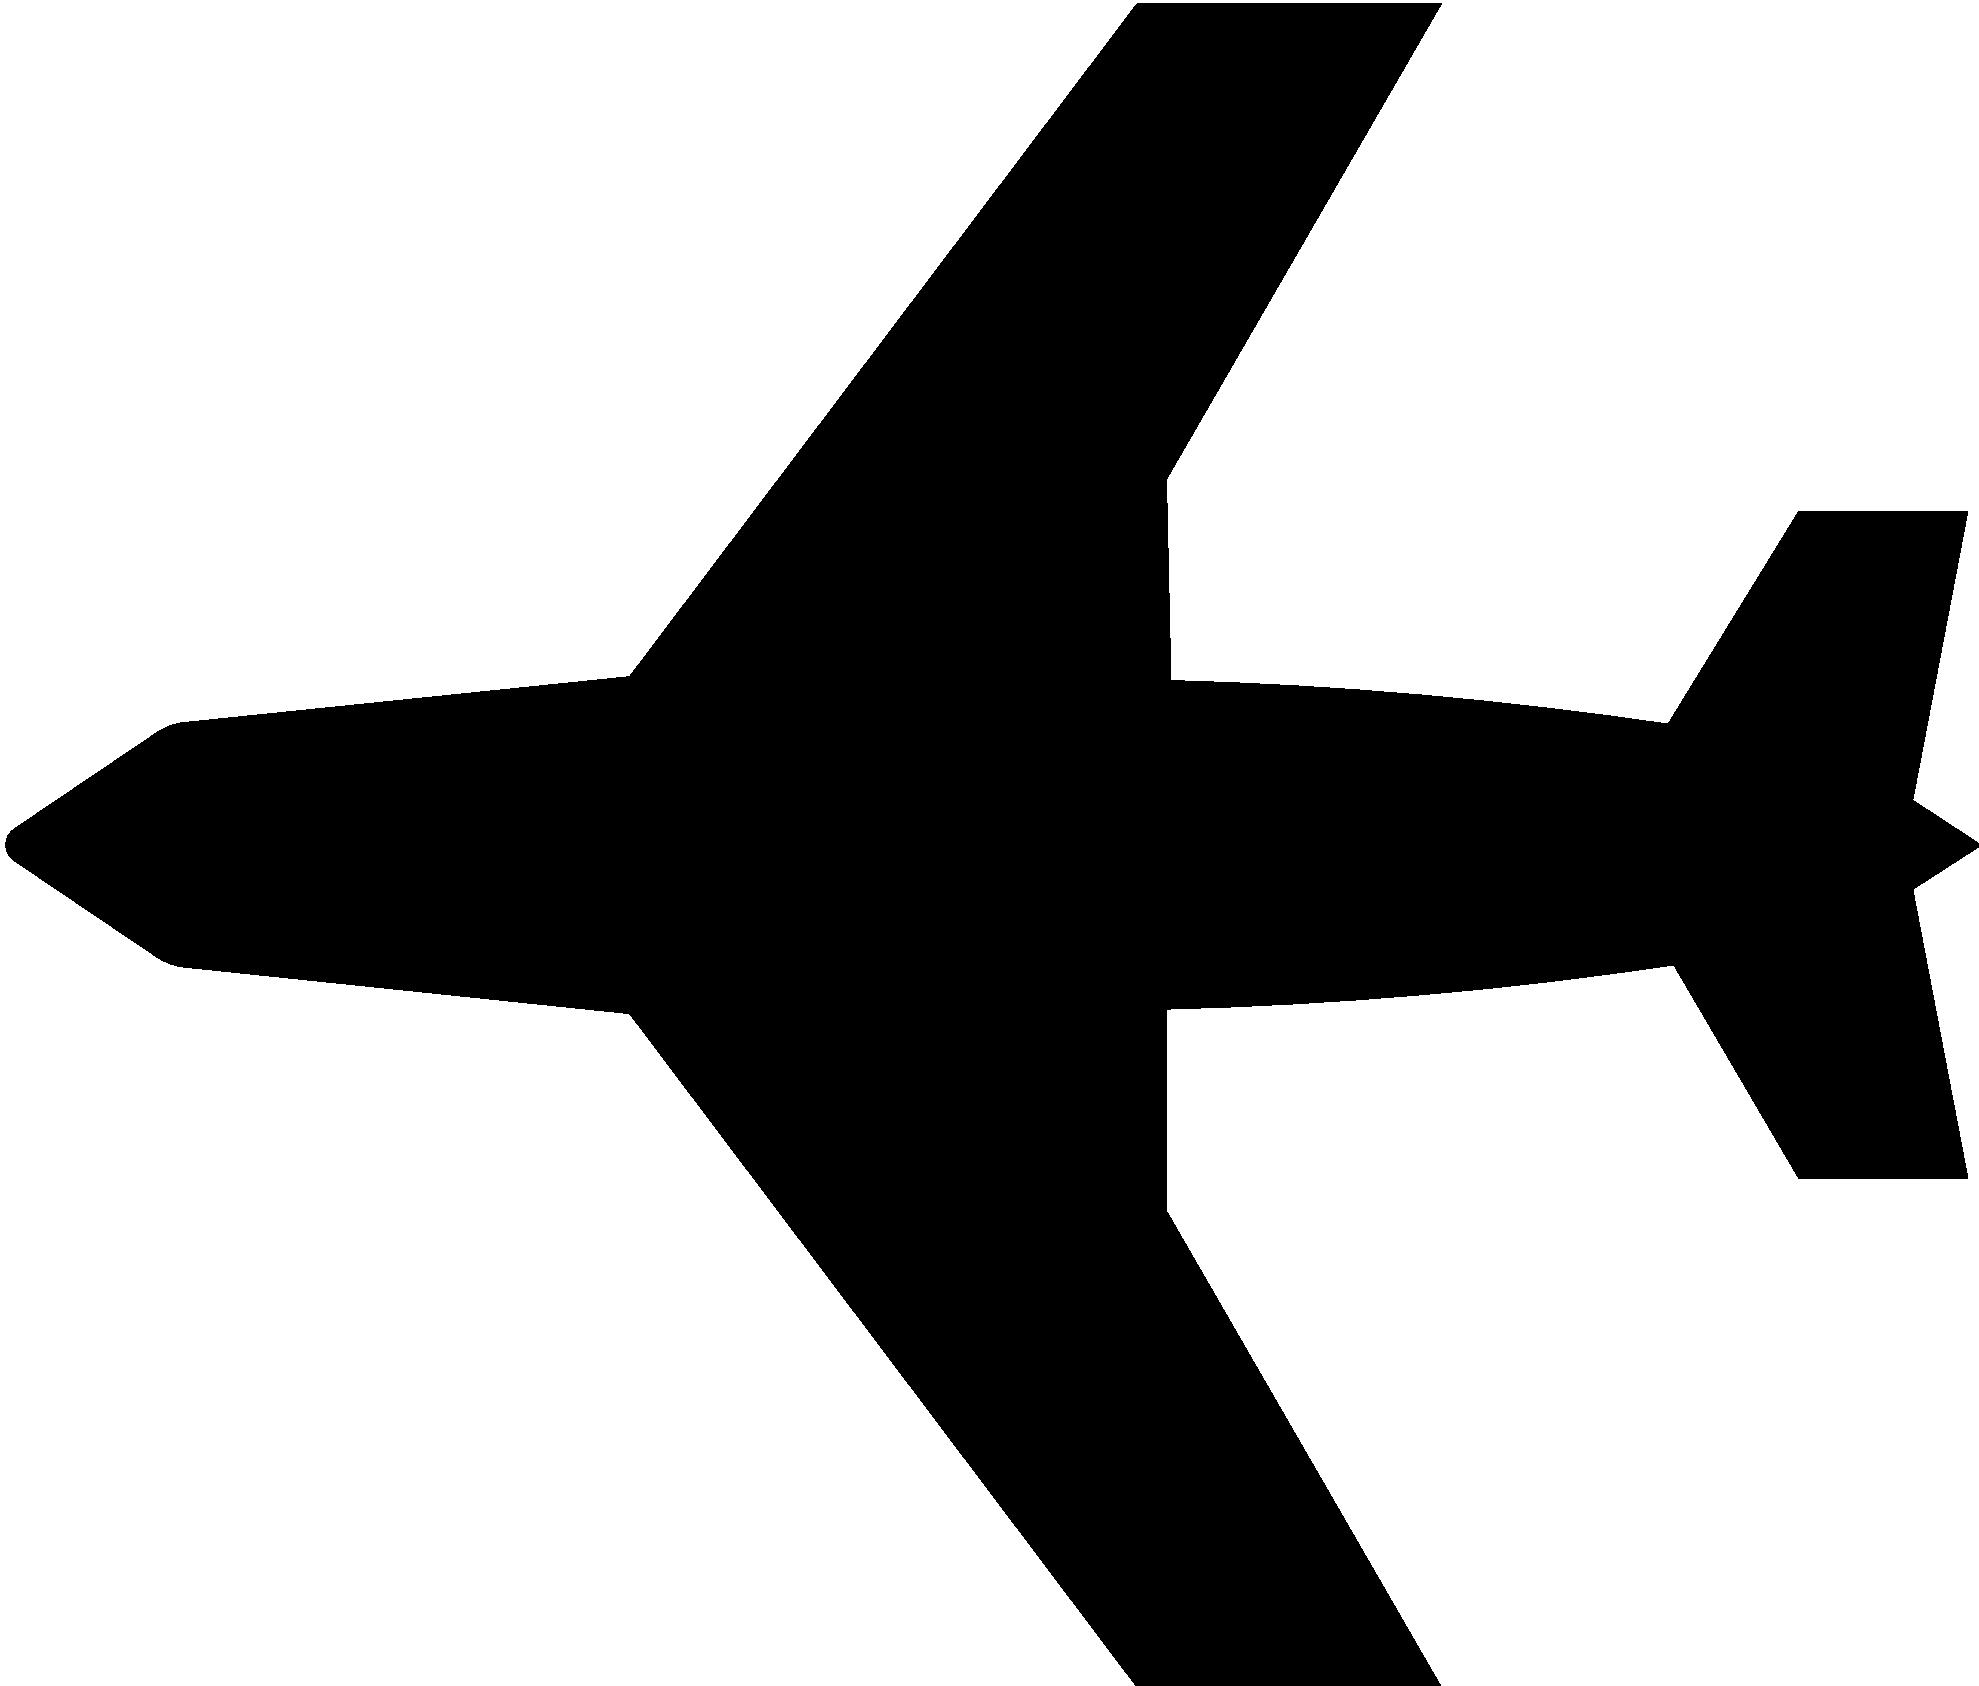 1979x1686 Airport Clipart Transparent Plane